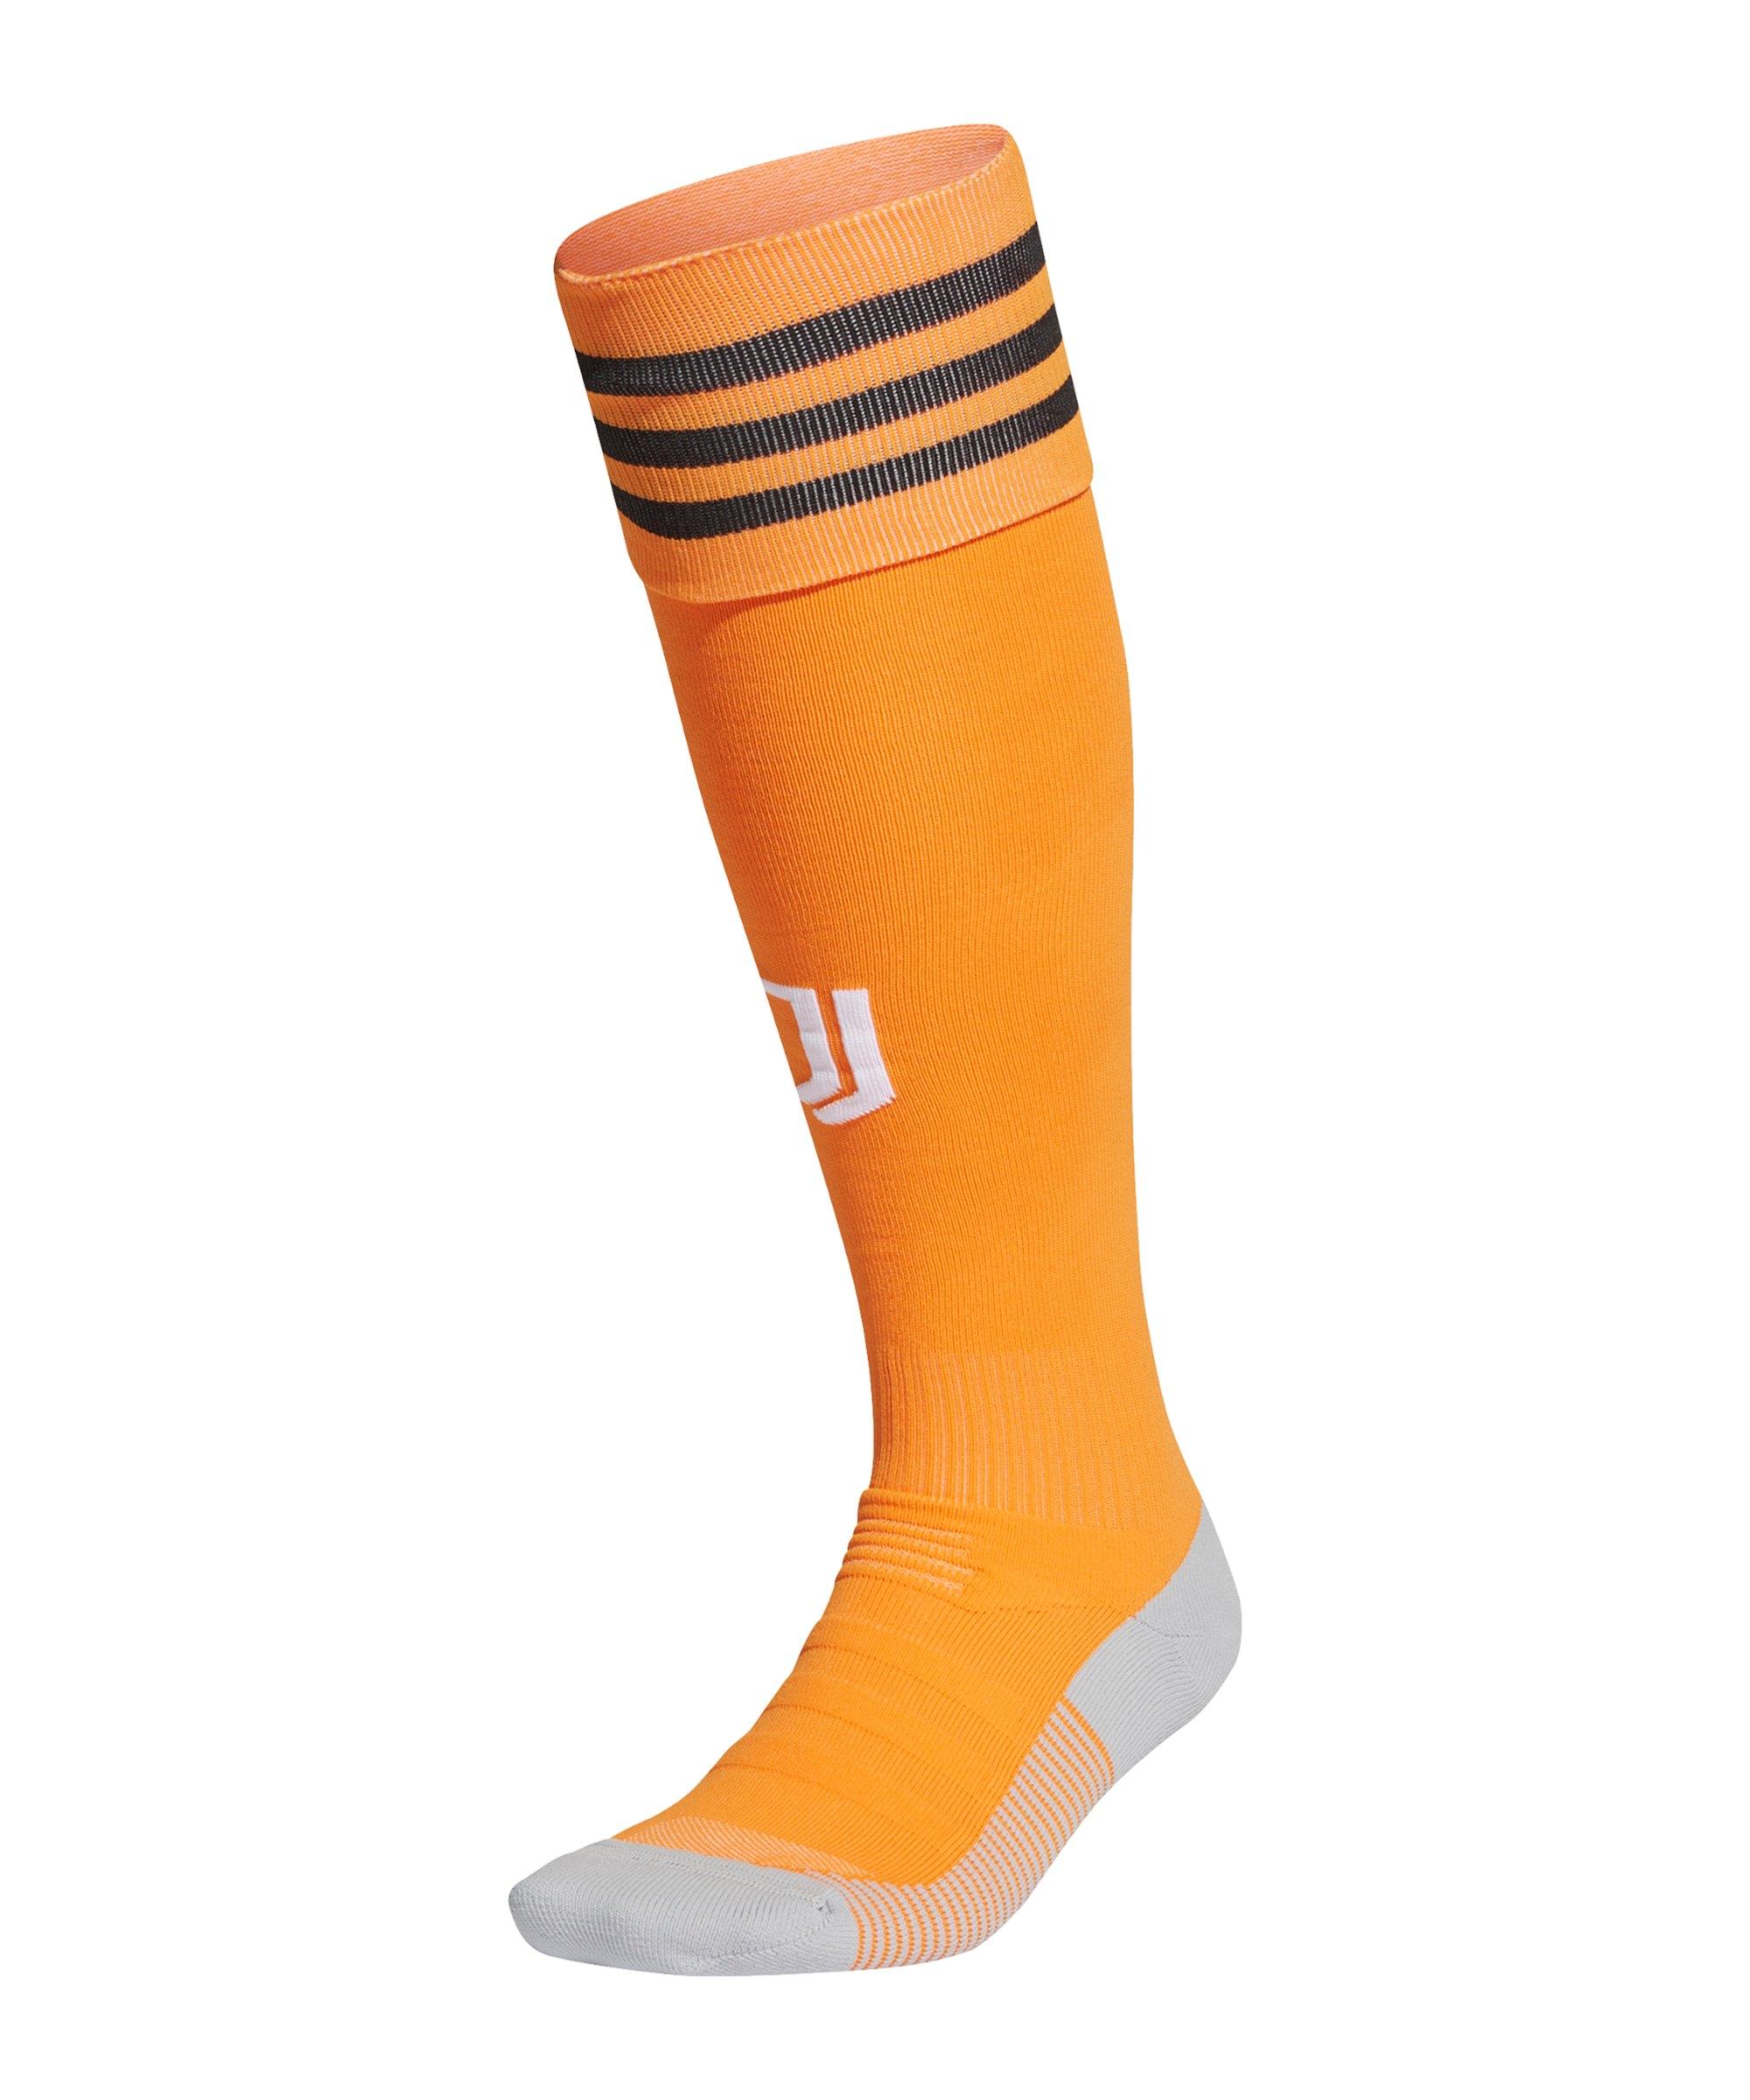 adidas Juventus Turin Stutzen UCL 2020/2021 Orange - orange